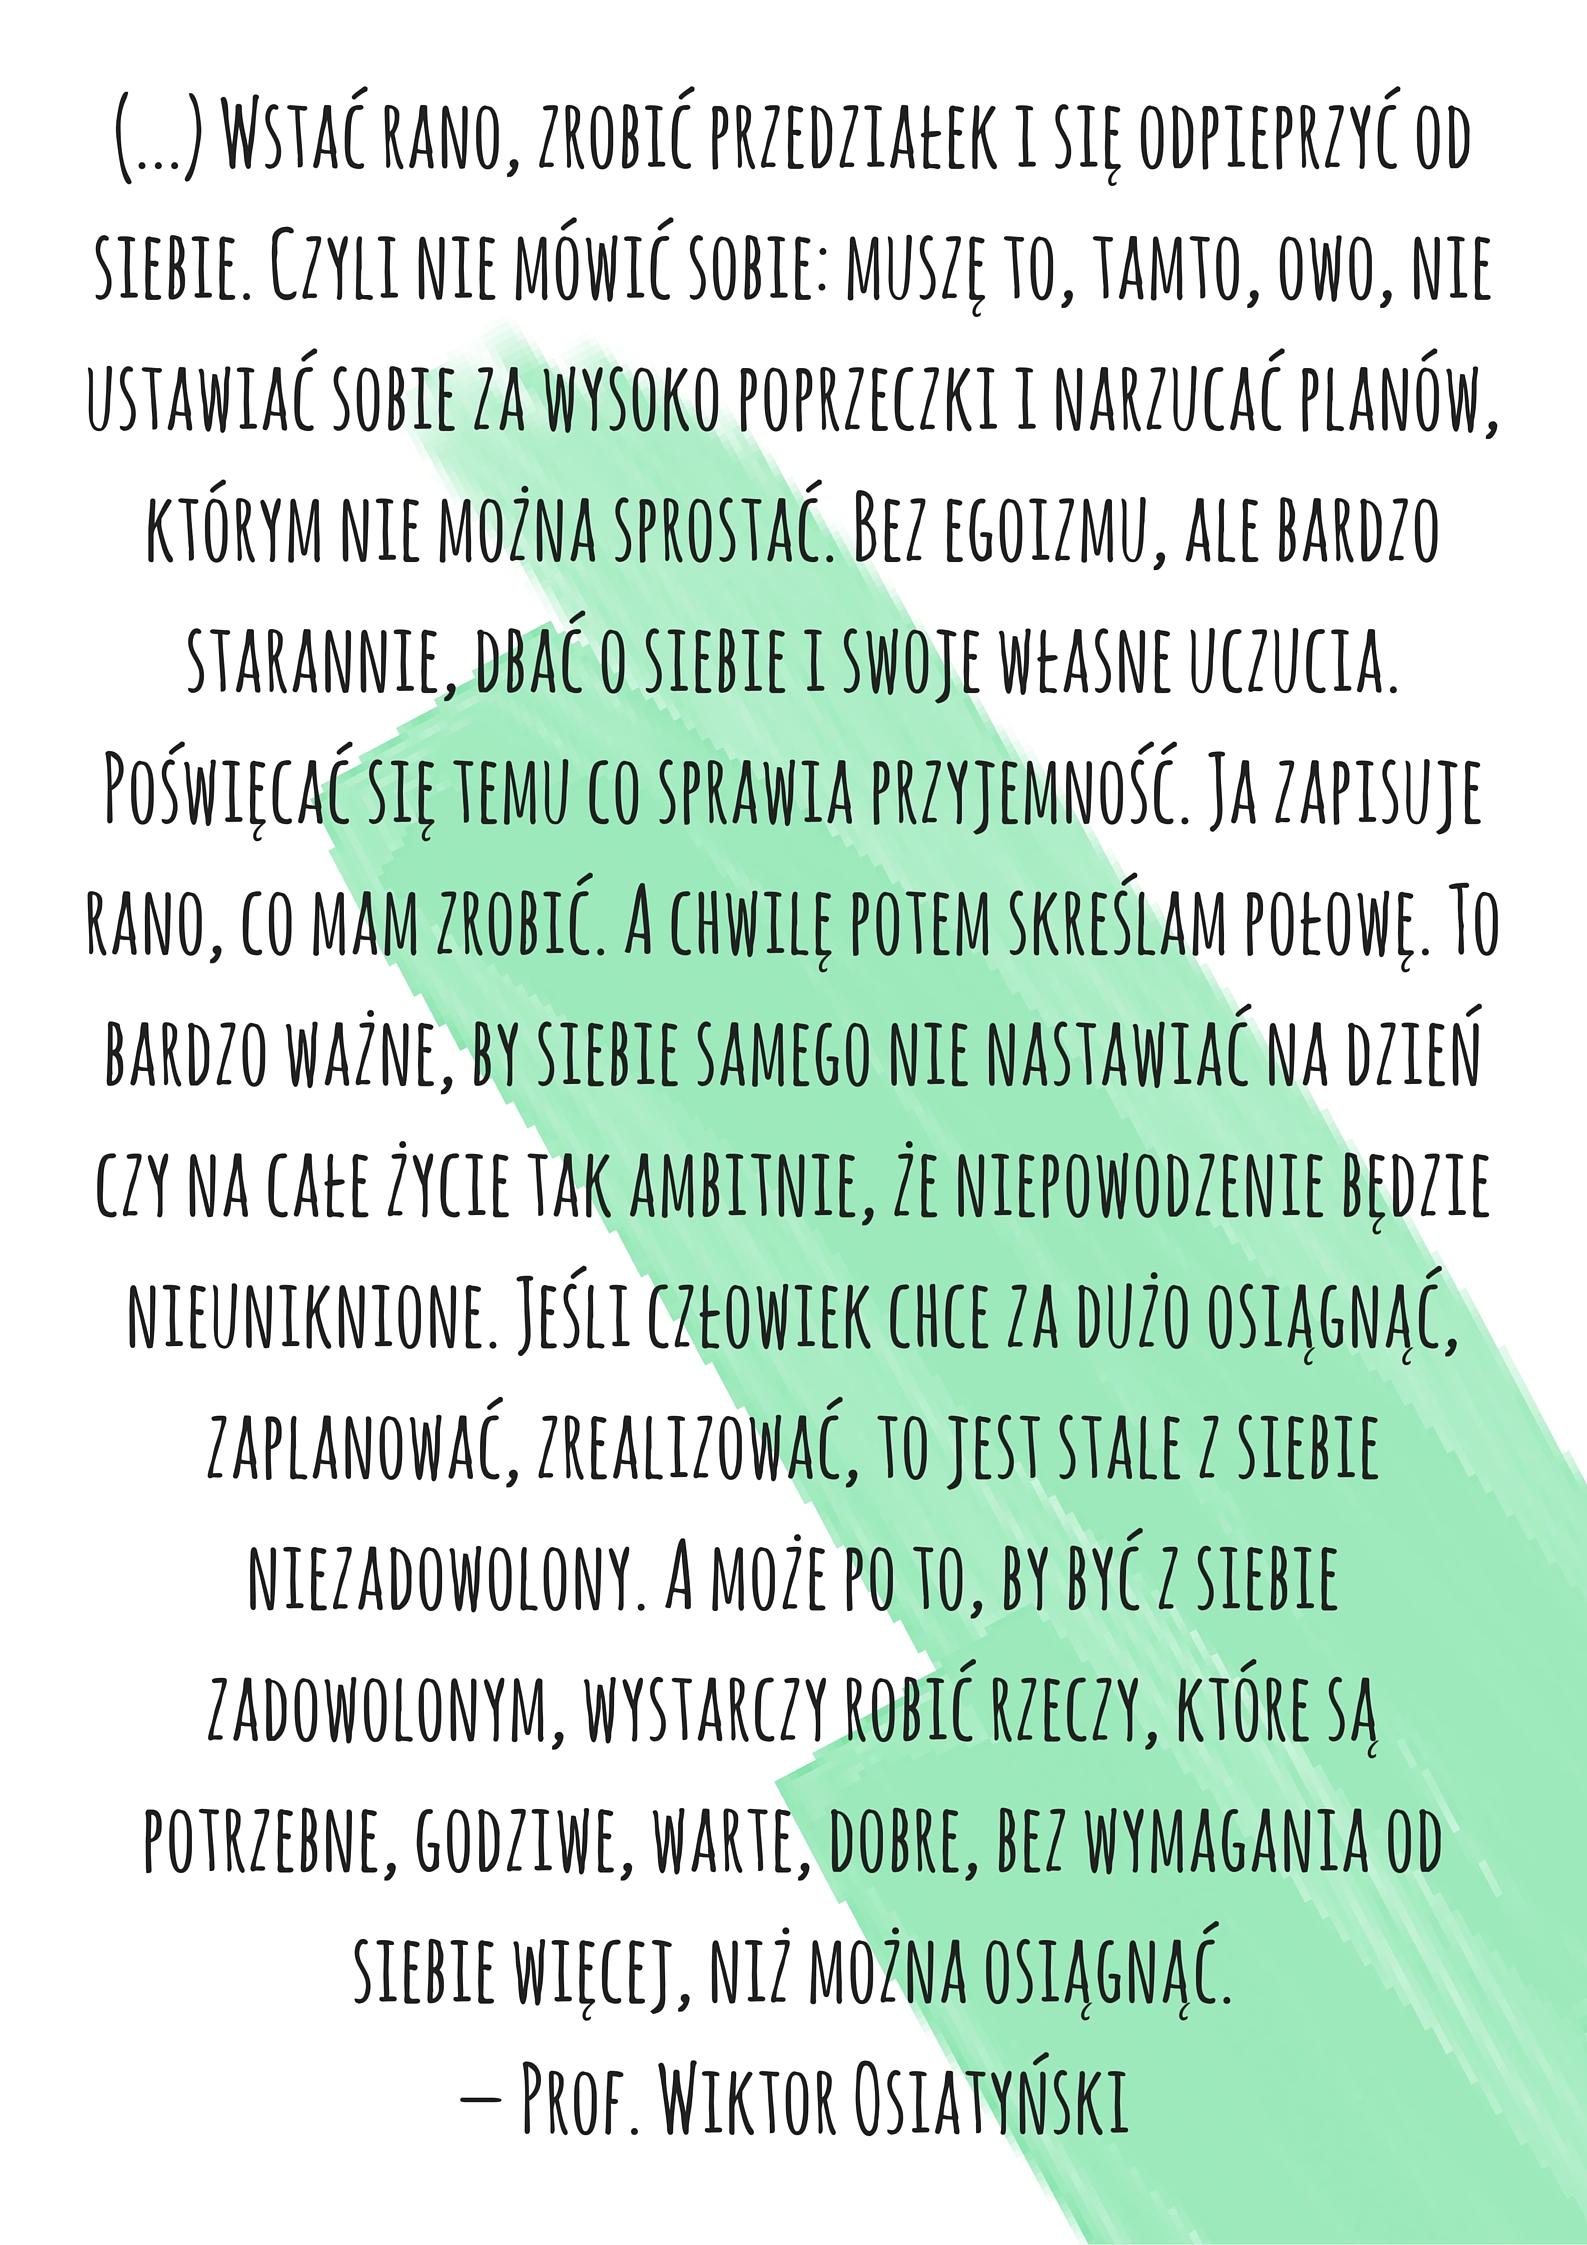 KANTOSIEWICZ_VII_cytat Osiatyński Prof.